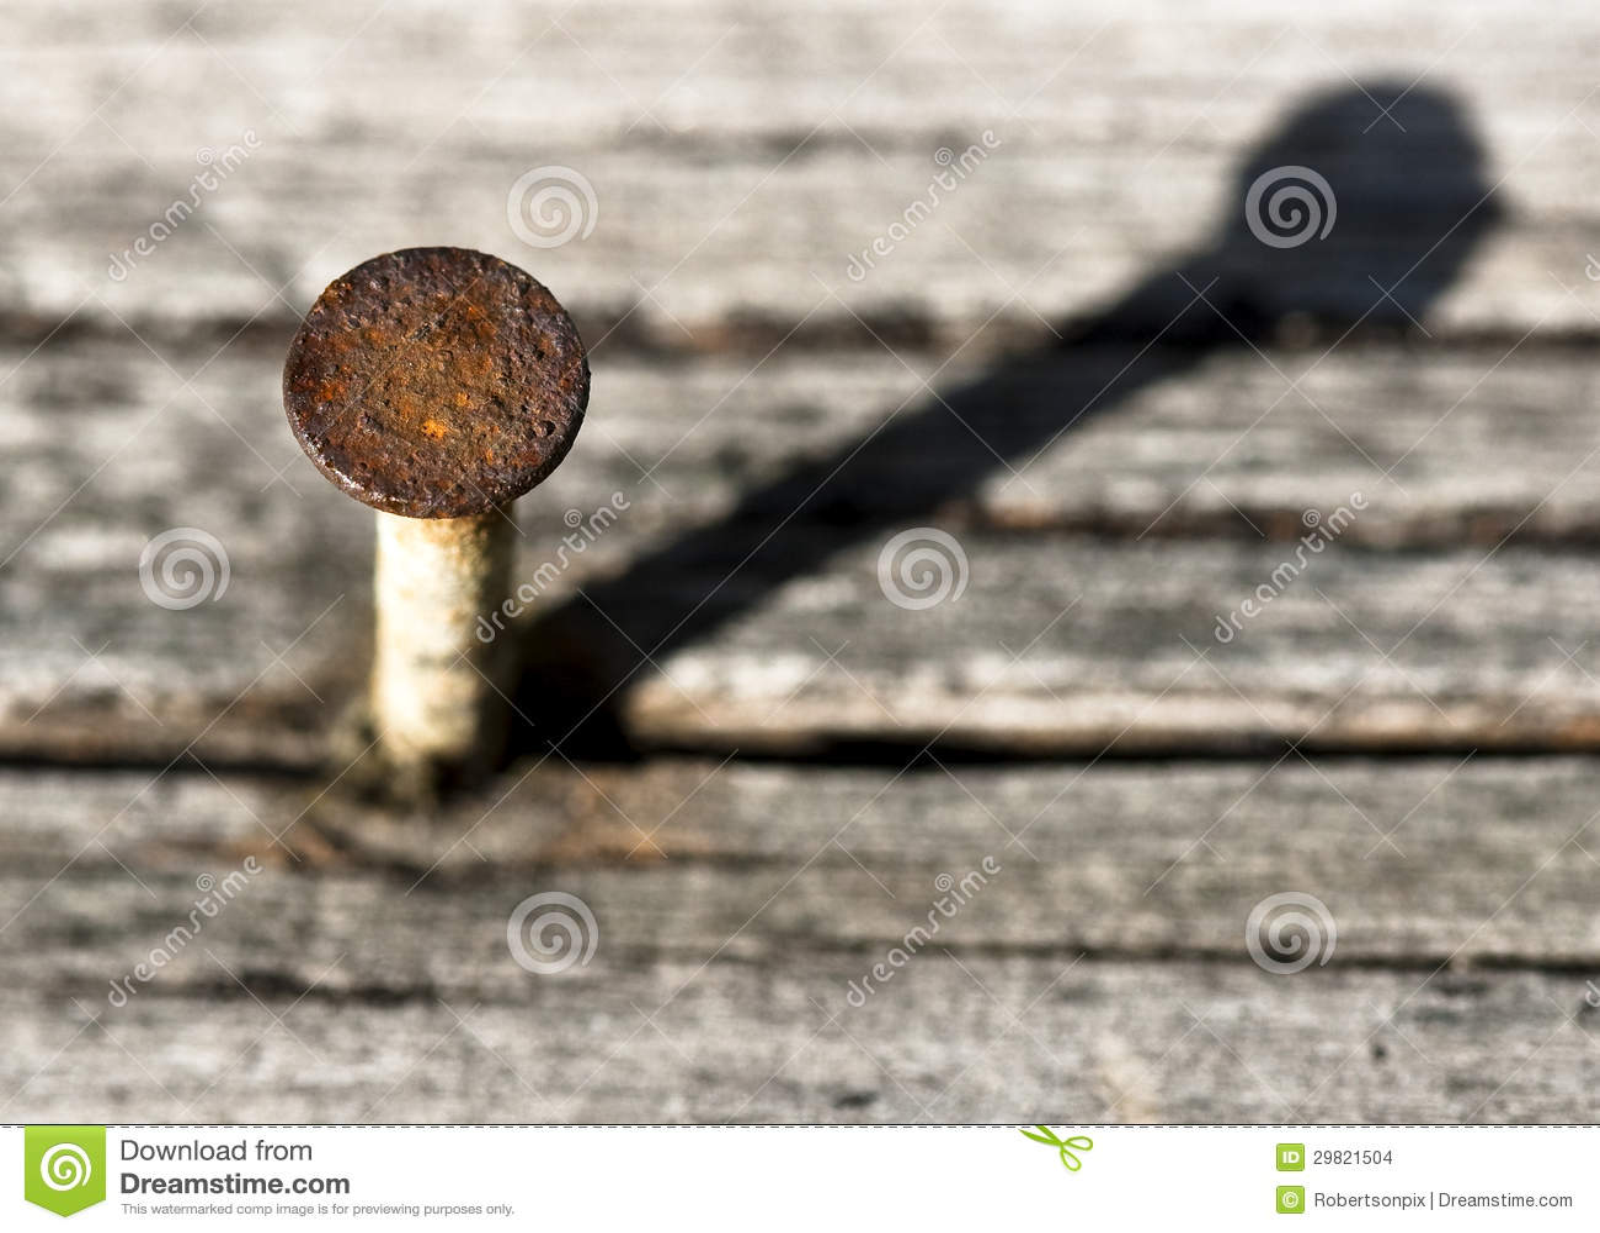 Rostiger Nagel-Kopf Und Schatten Auf Altem Holz Stockfoto - Bild von ...